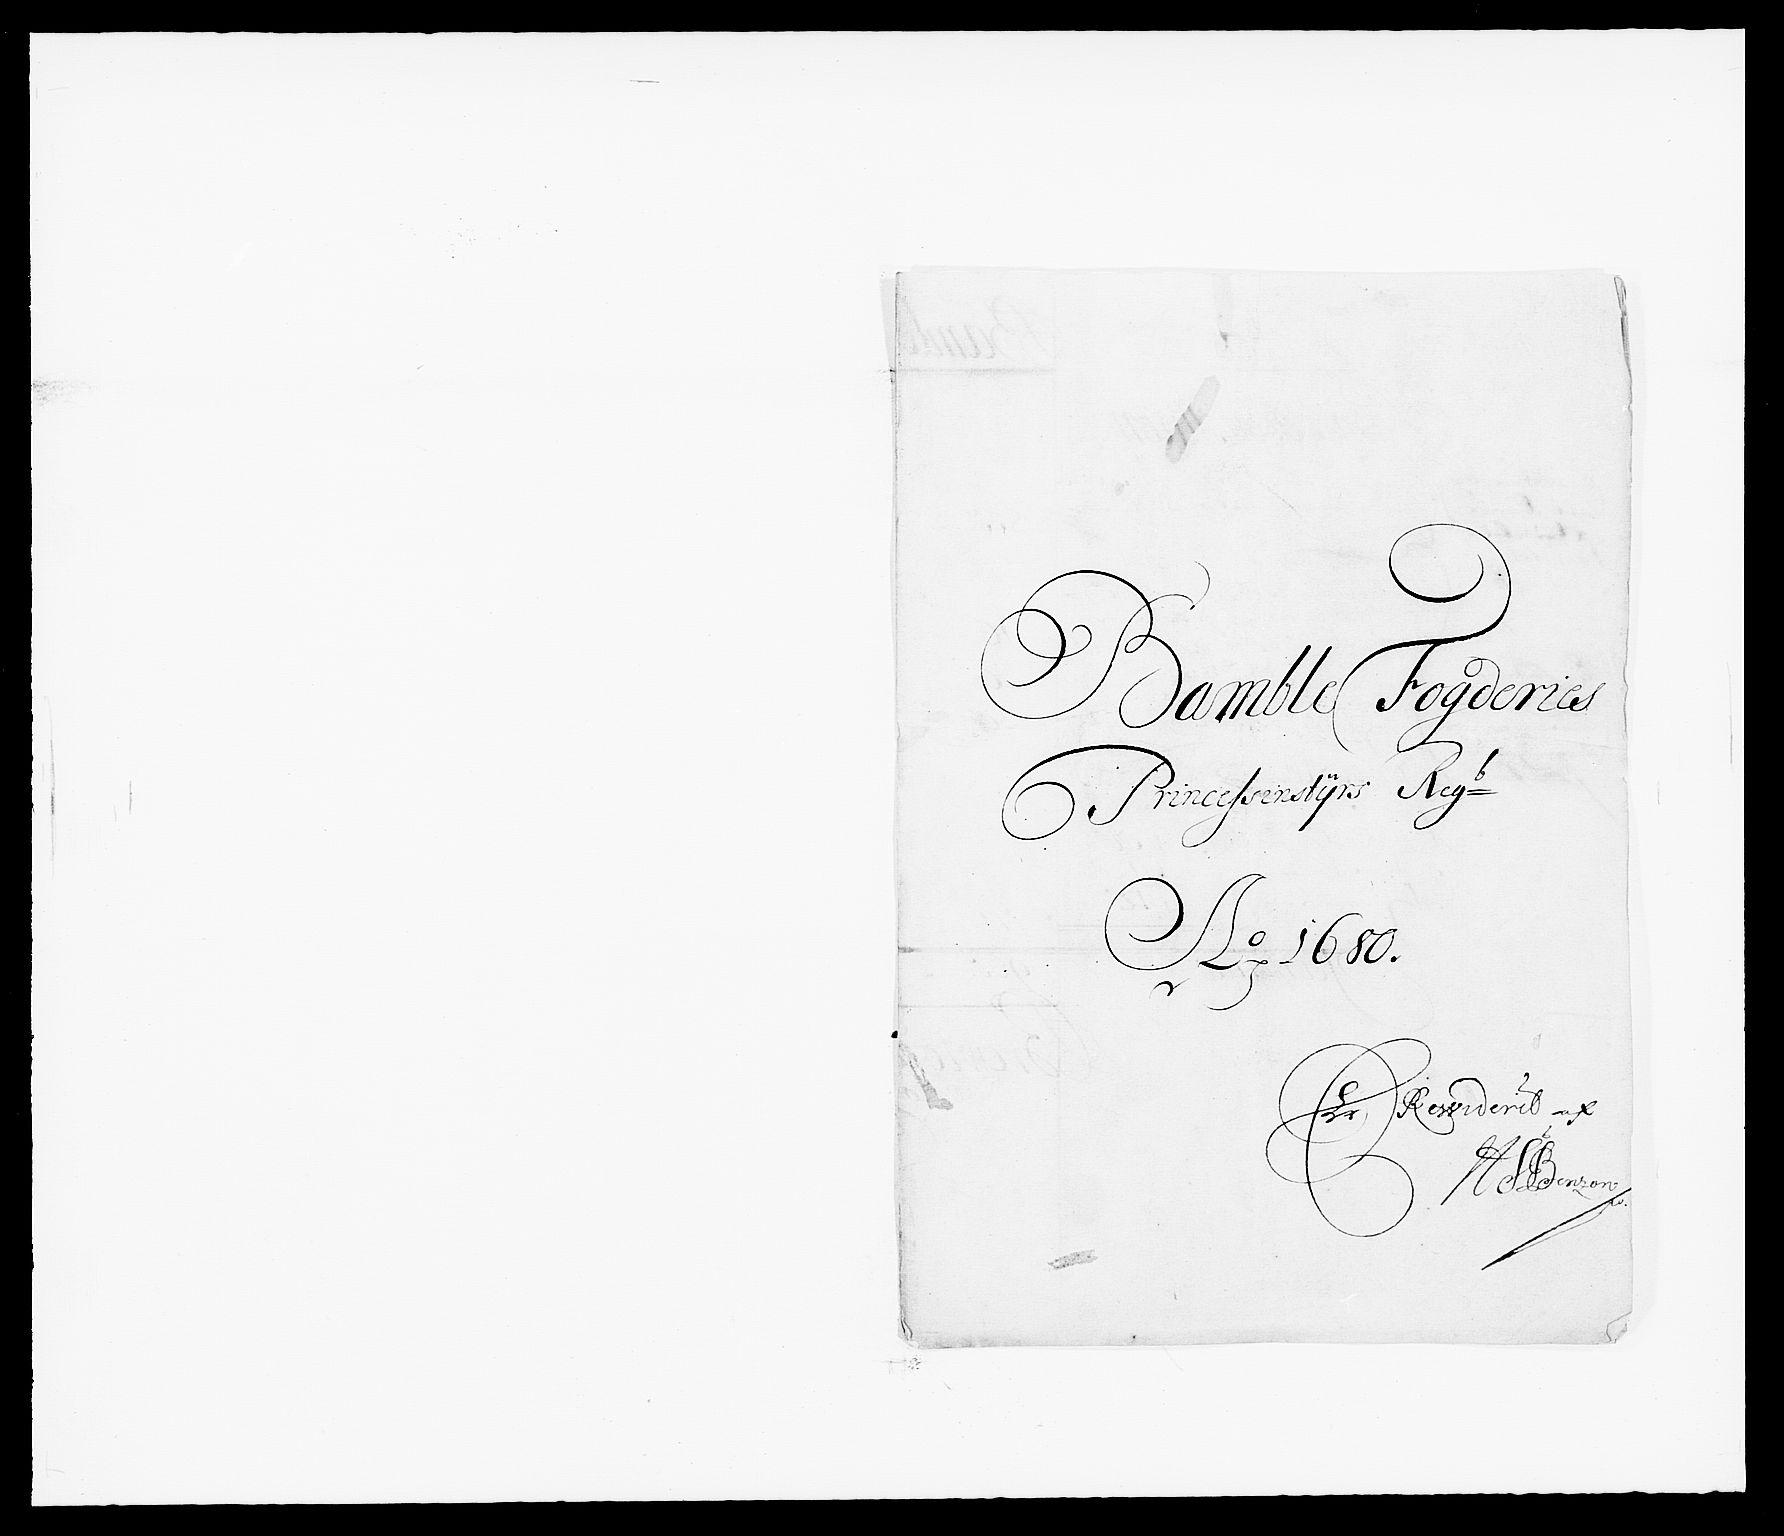 RA, Rentekammeret inntil 1814, Reviderte regnskaper, Fogderegnskap, R34/L2045: Fogderegnskap Bamble, 1680-1681, s. 184